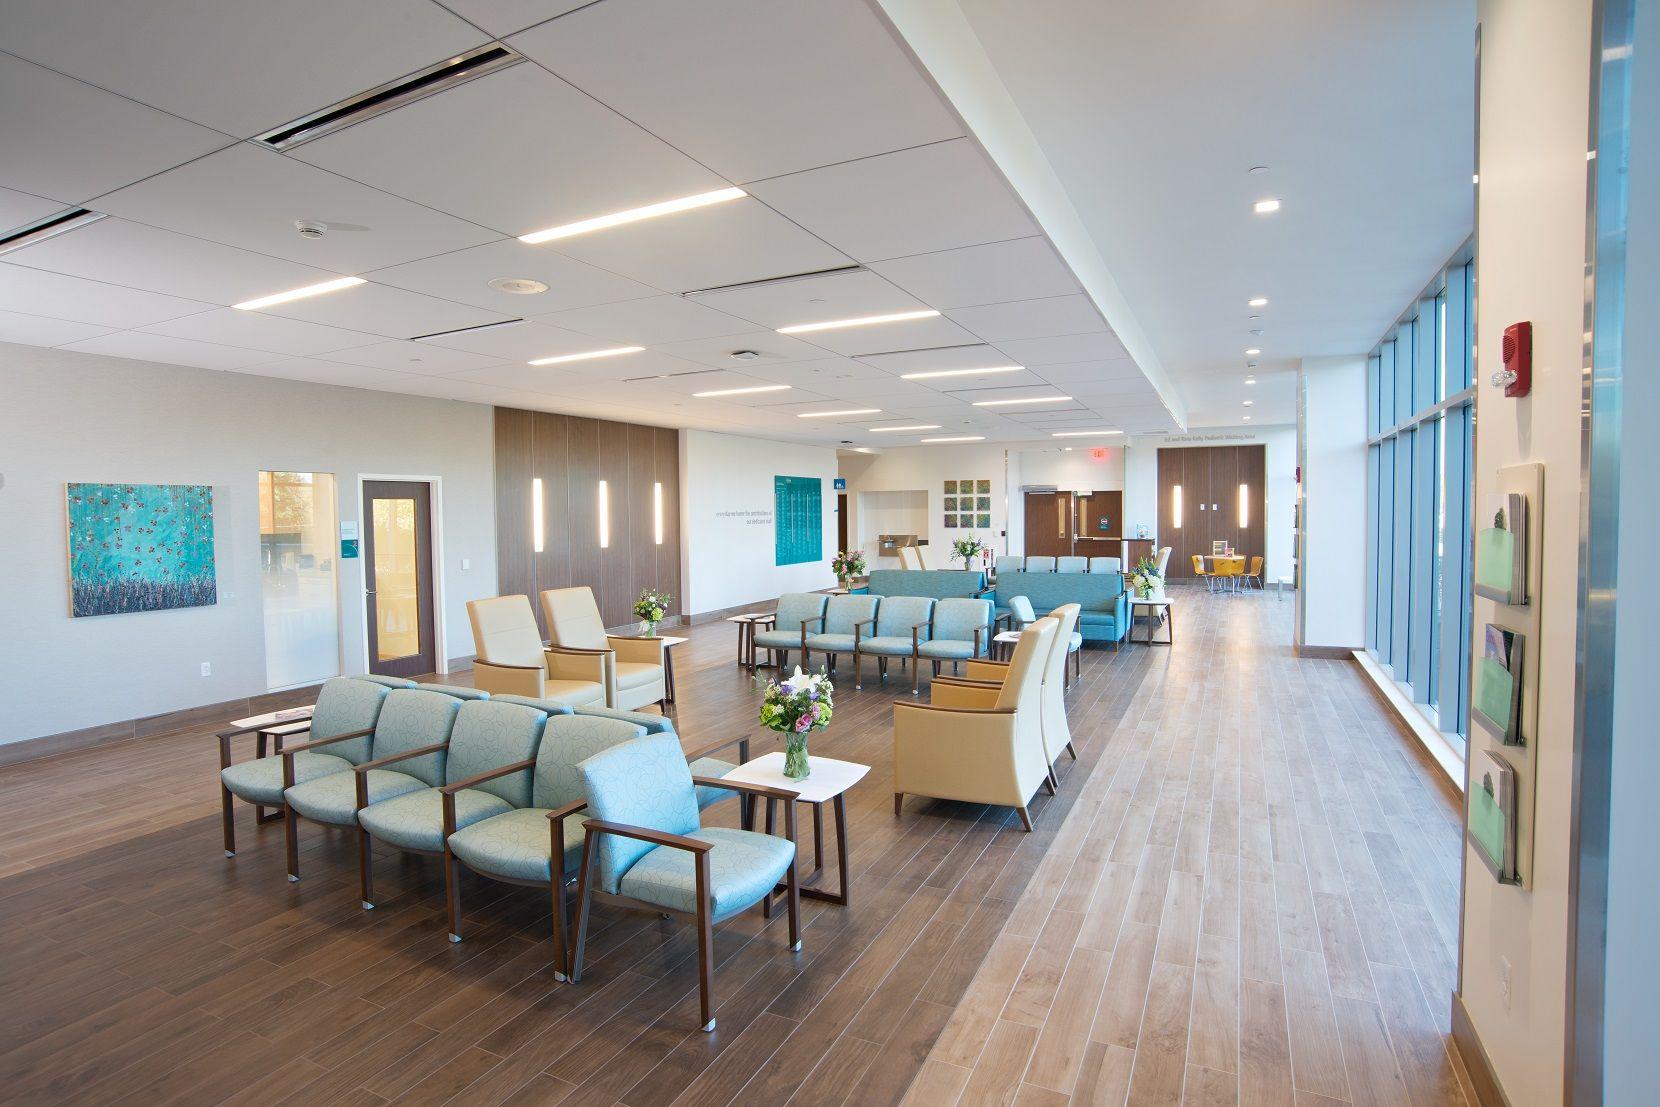 Emergency Department Emergency Department Waiting Room Design Clinic Design